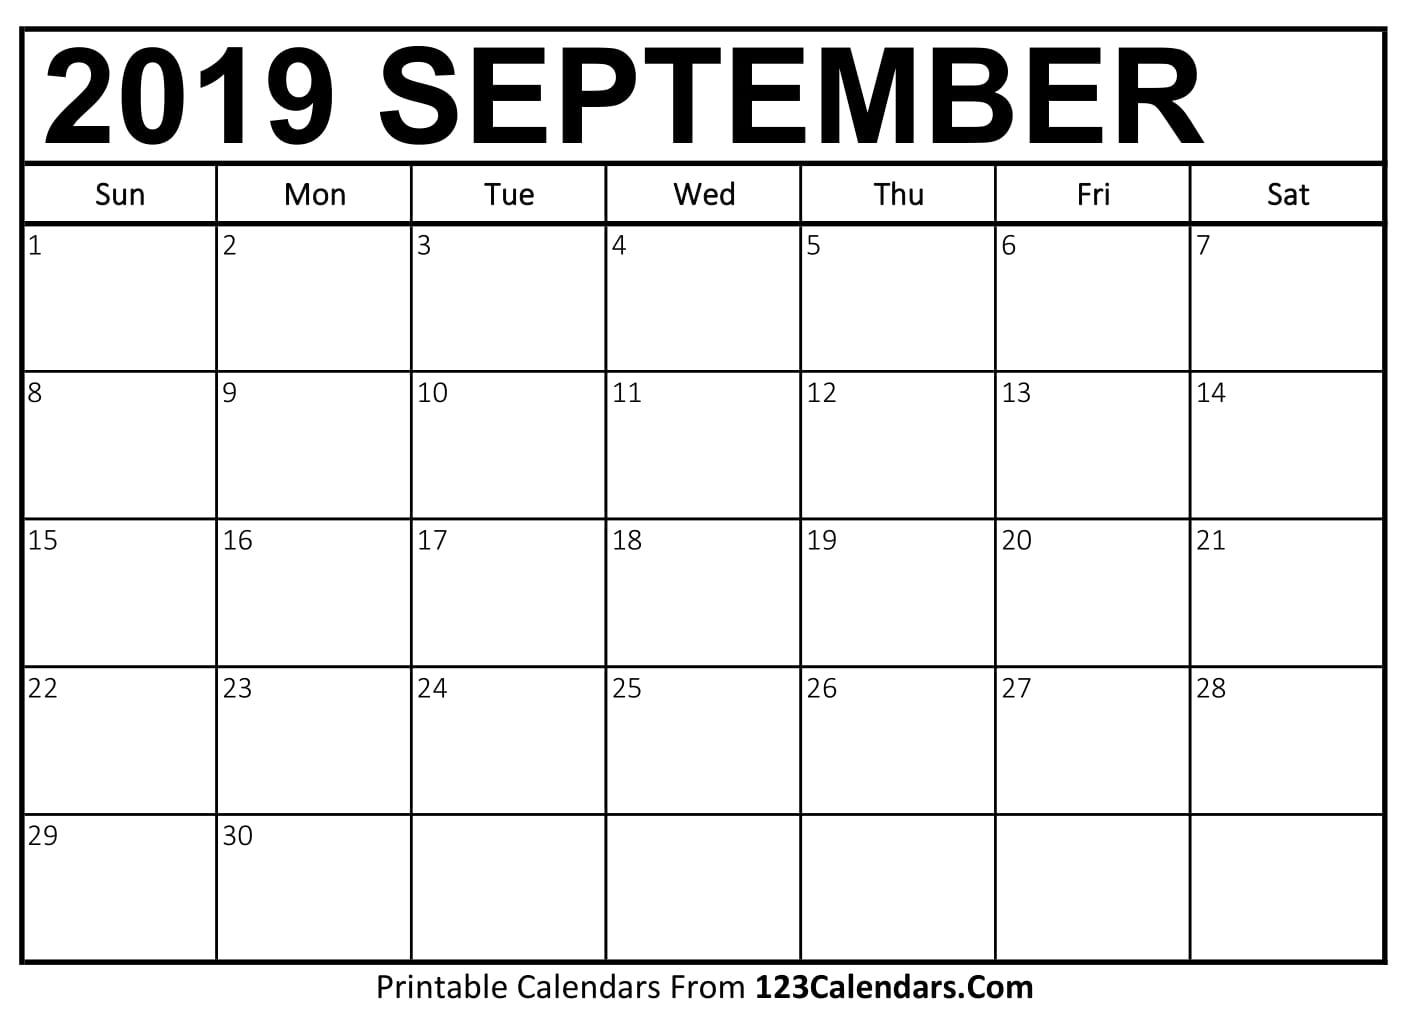 September 2019 Calendar Blank Easily Printable 123calendars